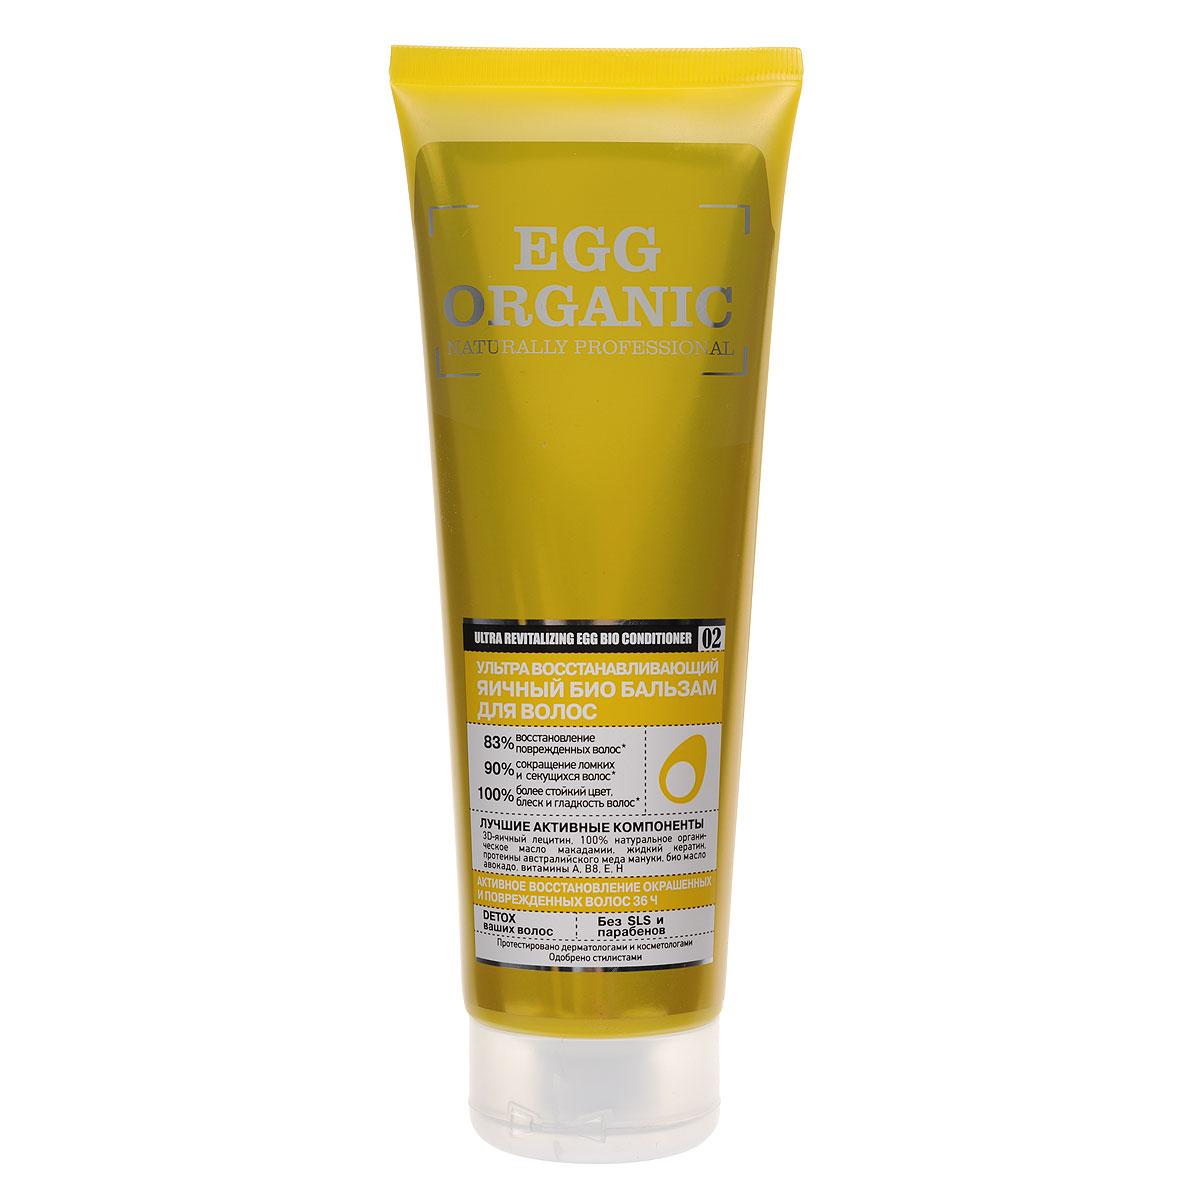 Оrganic Shop Naturally Professional Био-бальзам для волос Ультра восстанавливающий, яичный, 250 мл72523WD3D-яичный лецитин эффективно залечивает структурные повреждения, восстанавливая волосы изнутри. Протеины австралийского меда мануки глубоко питают и насыщают волосы полезными микроэлементами. 100% натуральное органическое масло макадамии интенсивно увлажняет волосы и облегчает их расчесывание. Био масло авокадо обеспечивает стойкость цвета для окрашенных волос, дарит блеск и гладкость. Жидкий кератин обеспечивает надежную защиту от термо и УФ воздействий, предотвращает ломкость и сечение волос. Товар сертифицирован.